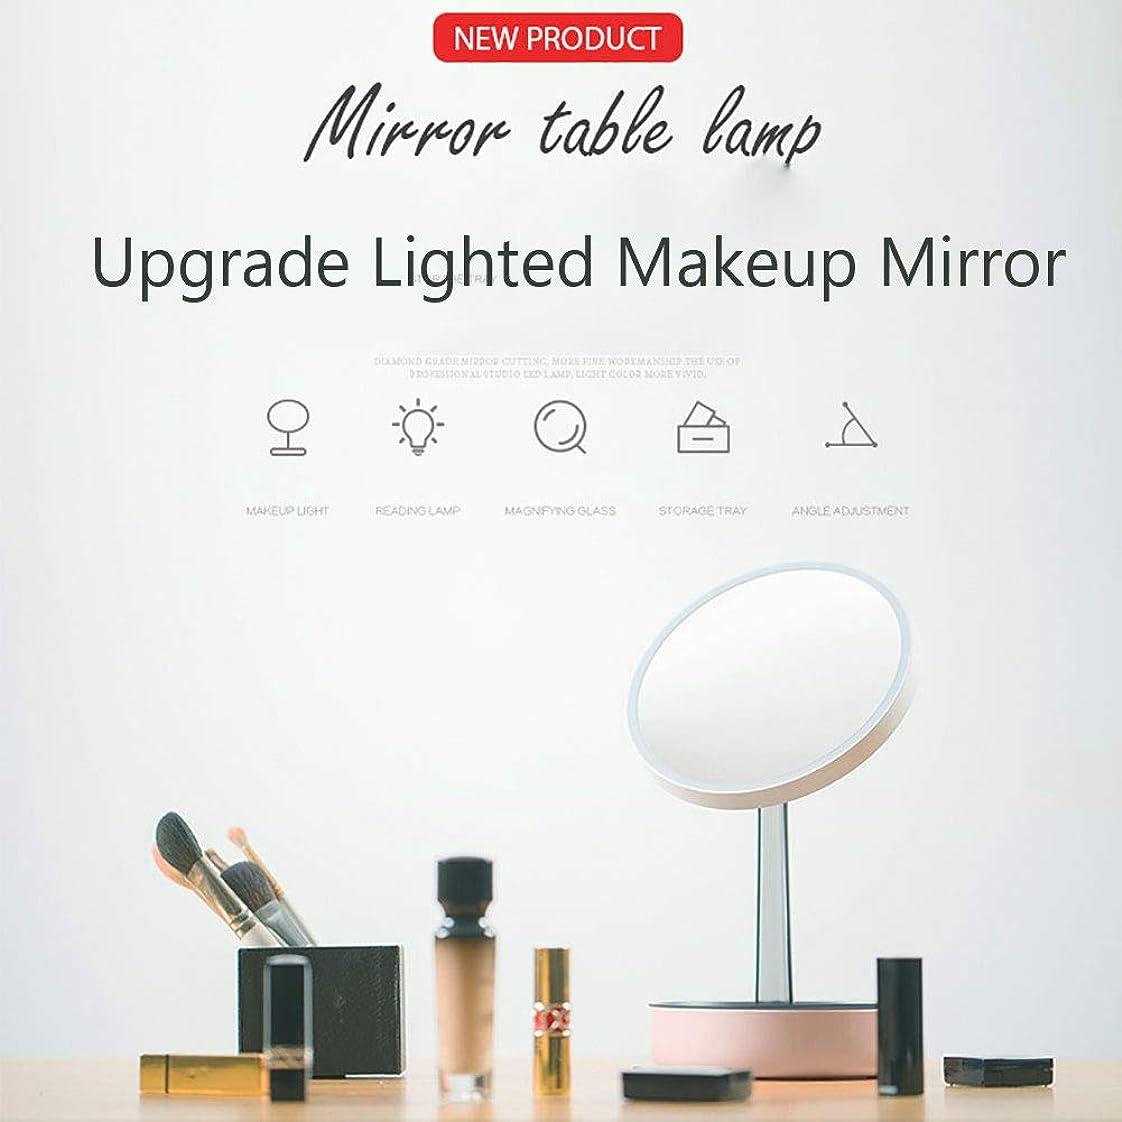 前投薬作りハシー照明付き化粧鏡、ジュエリー用トレイ付きポータブル充電式LEDトラベルミラー、USB充電式、タッチスクリーンスイッチ、回転(PINK)